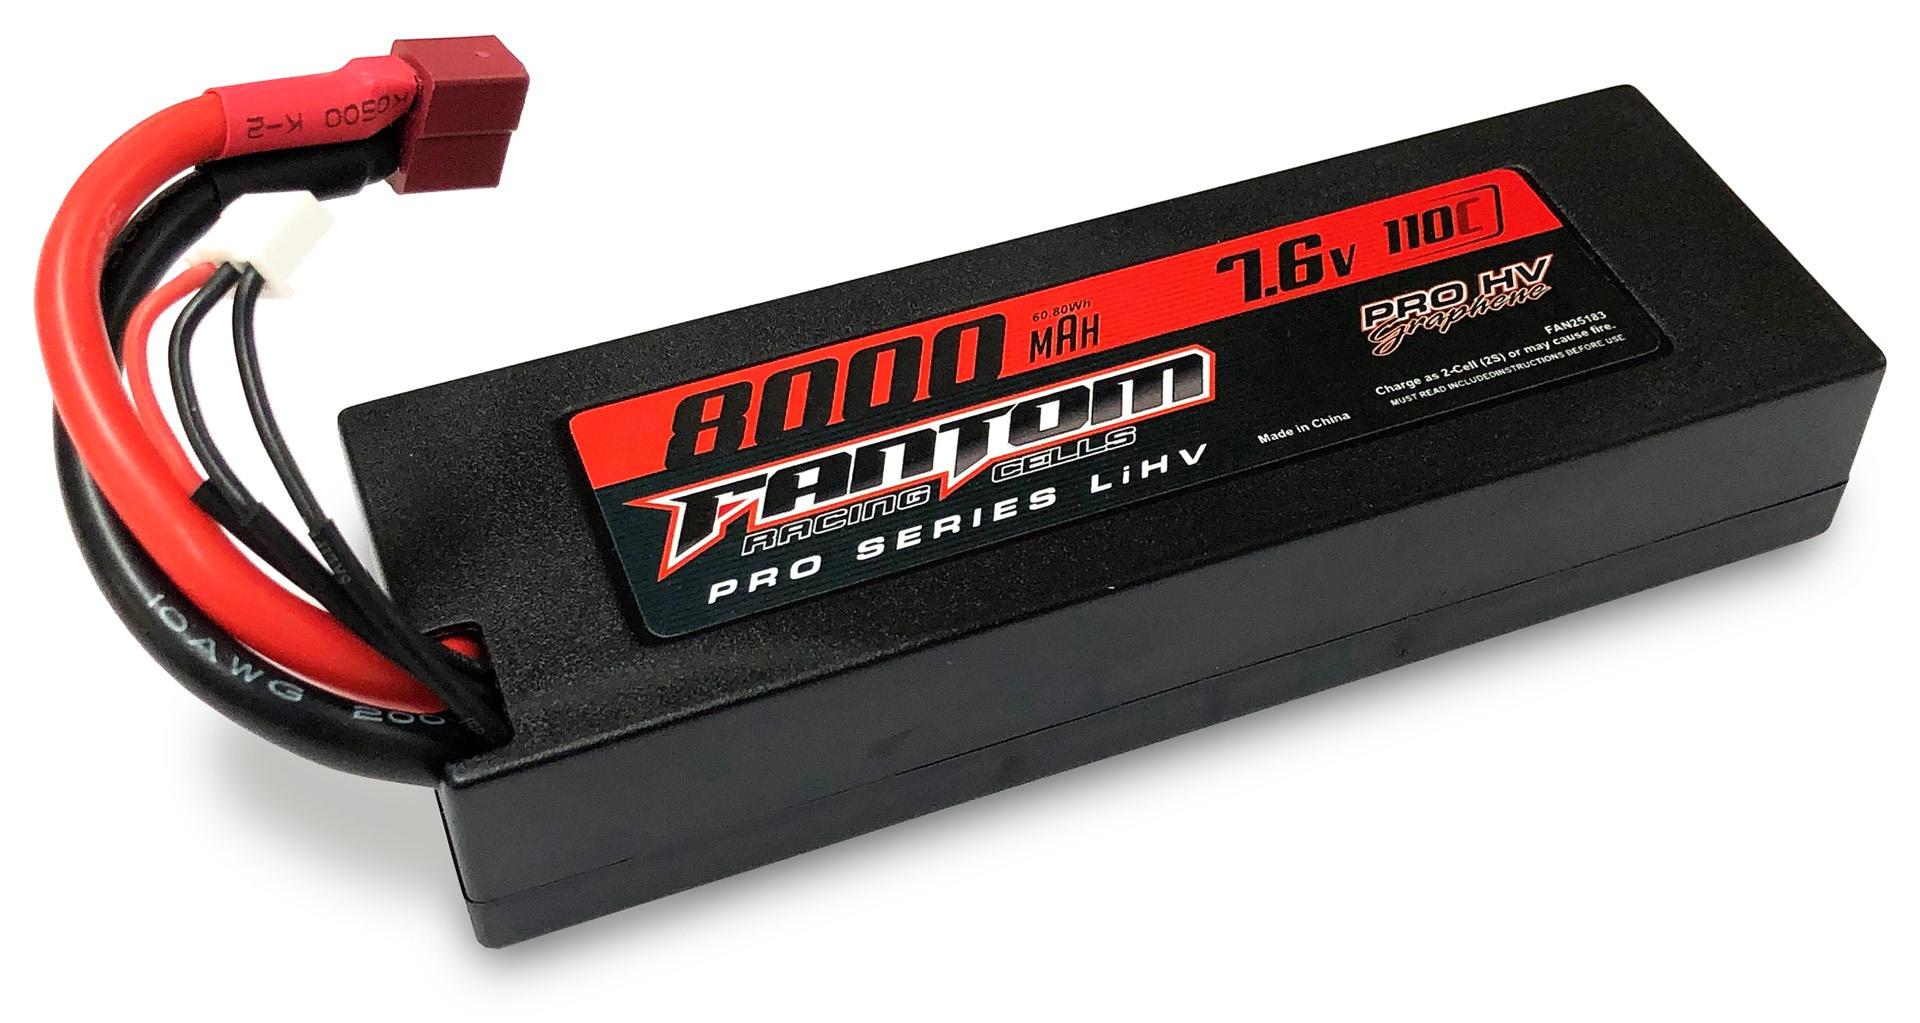 New Release – Fantom PRO HV Silicon Graphene LiHV 8000mAh battery